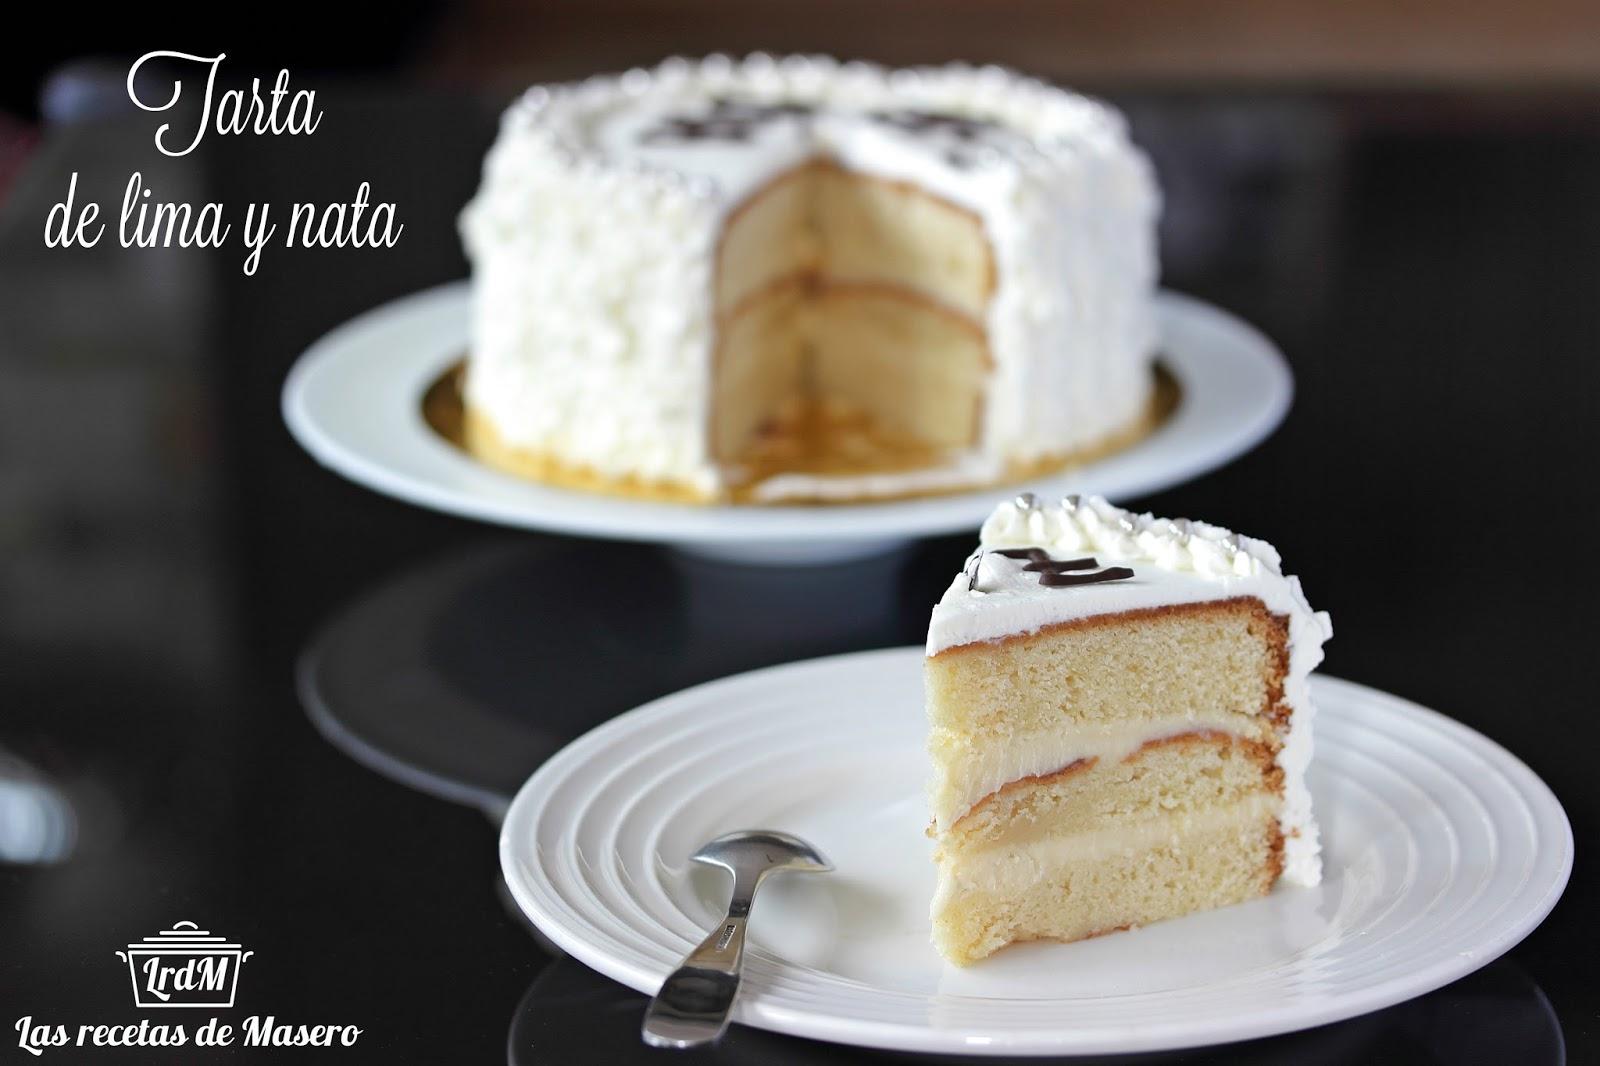 Tarta de lima y nata